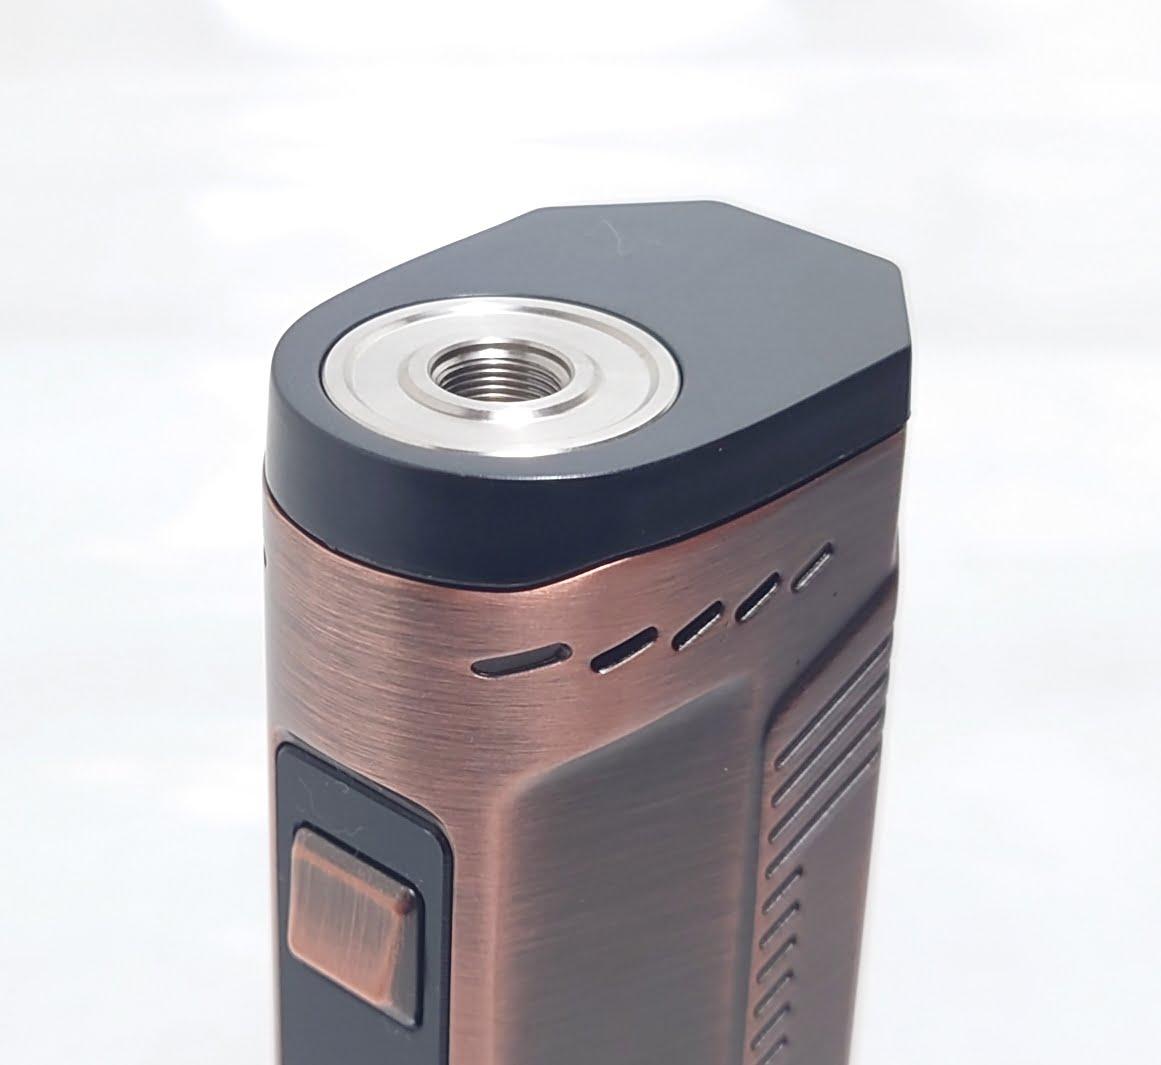 DSC 0037 - 【Artery】Cold Steel AIO XP 4ml(コールドスチール エーアイオー)をレビュー!~最大120Wまで出力が可能な何でもできるAIOデバイス~